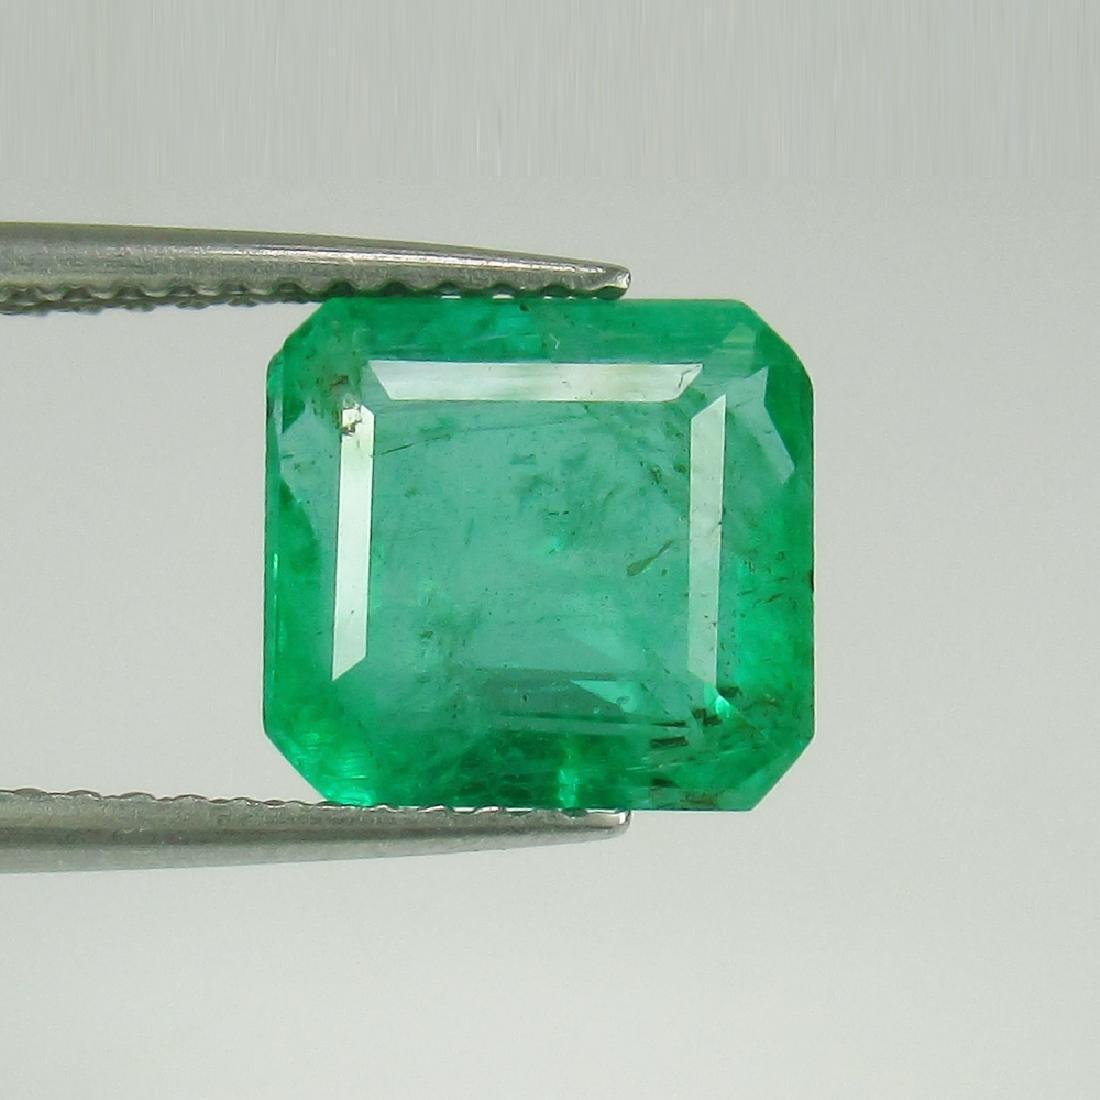 3.24 Carat Natural Loose Emerald Octagon